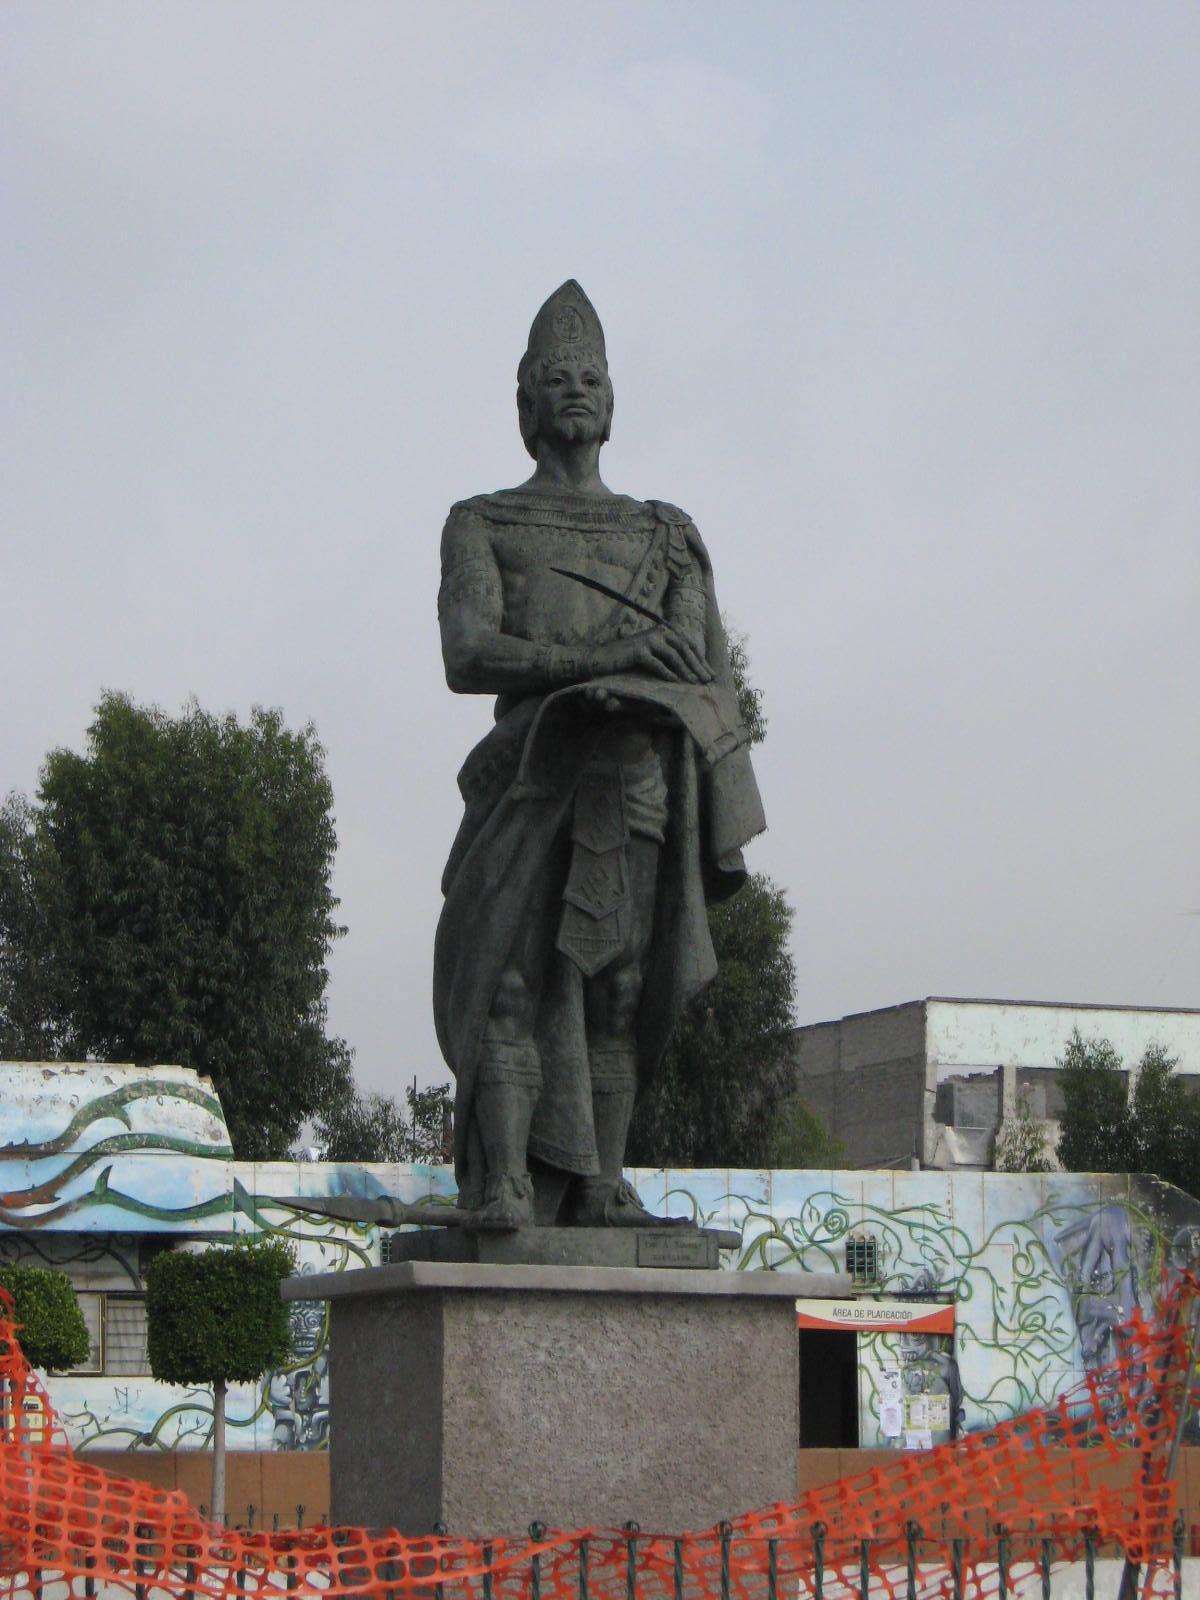 Ciudad Nezahualcóyotl